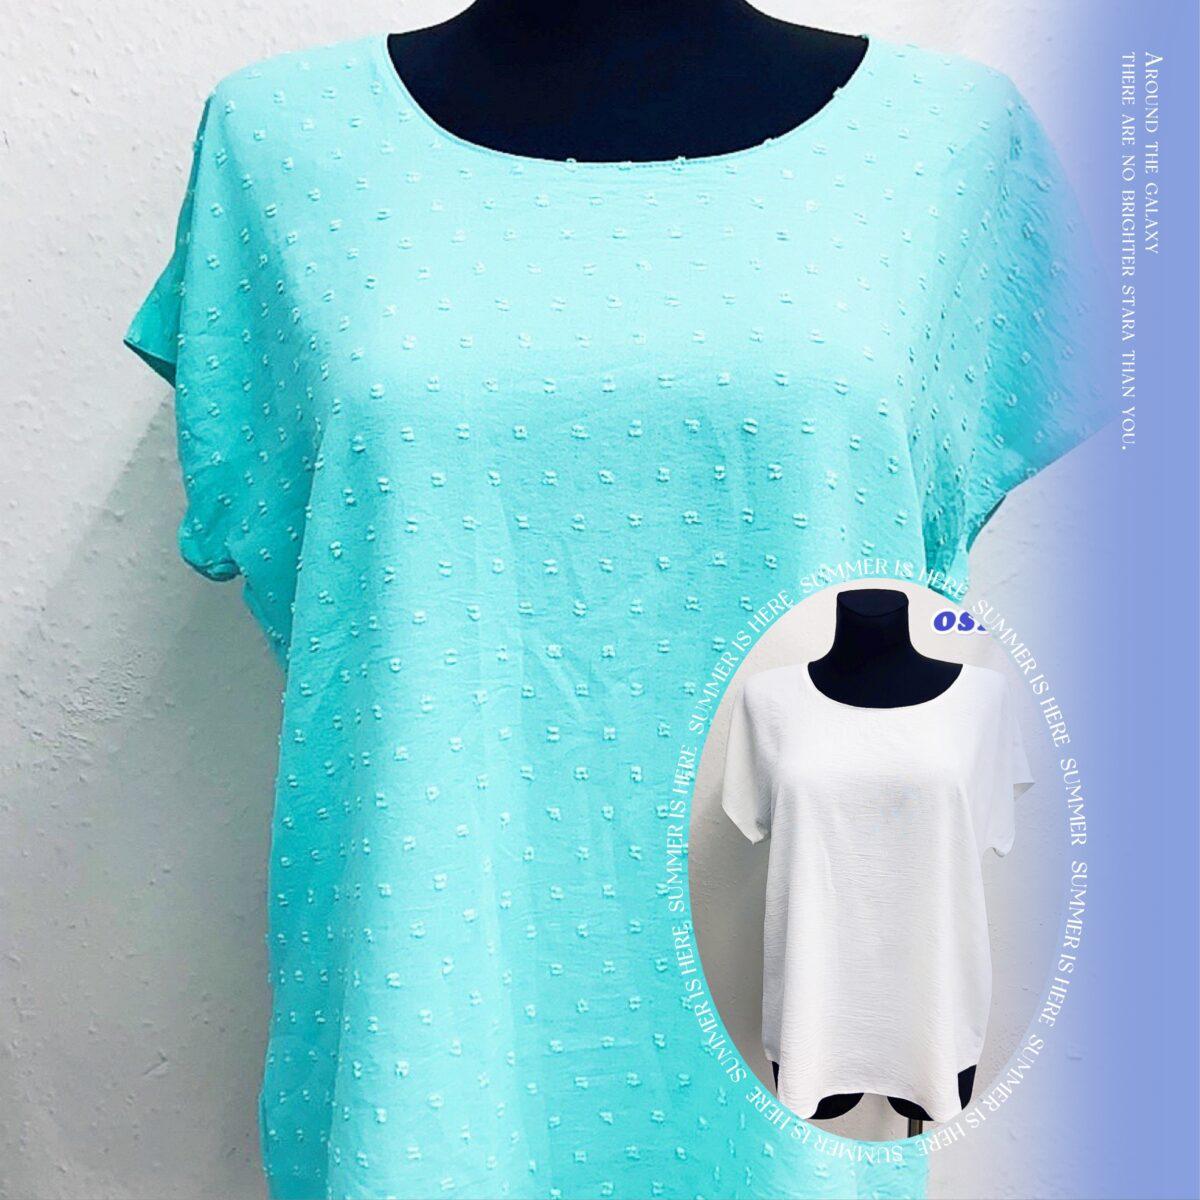 E230689C 839D 4FB2 B4E1 4934060F6AD4 scaled Osili - Fashion - Divat